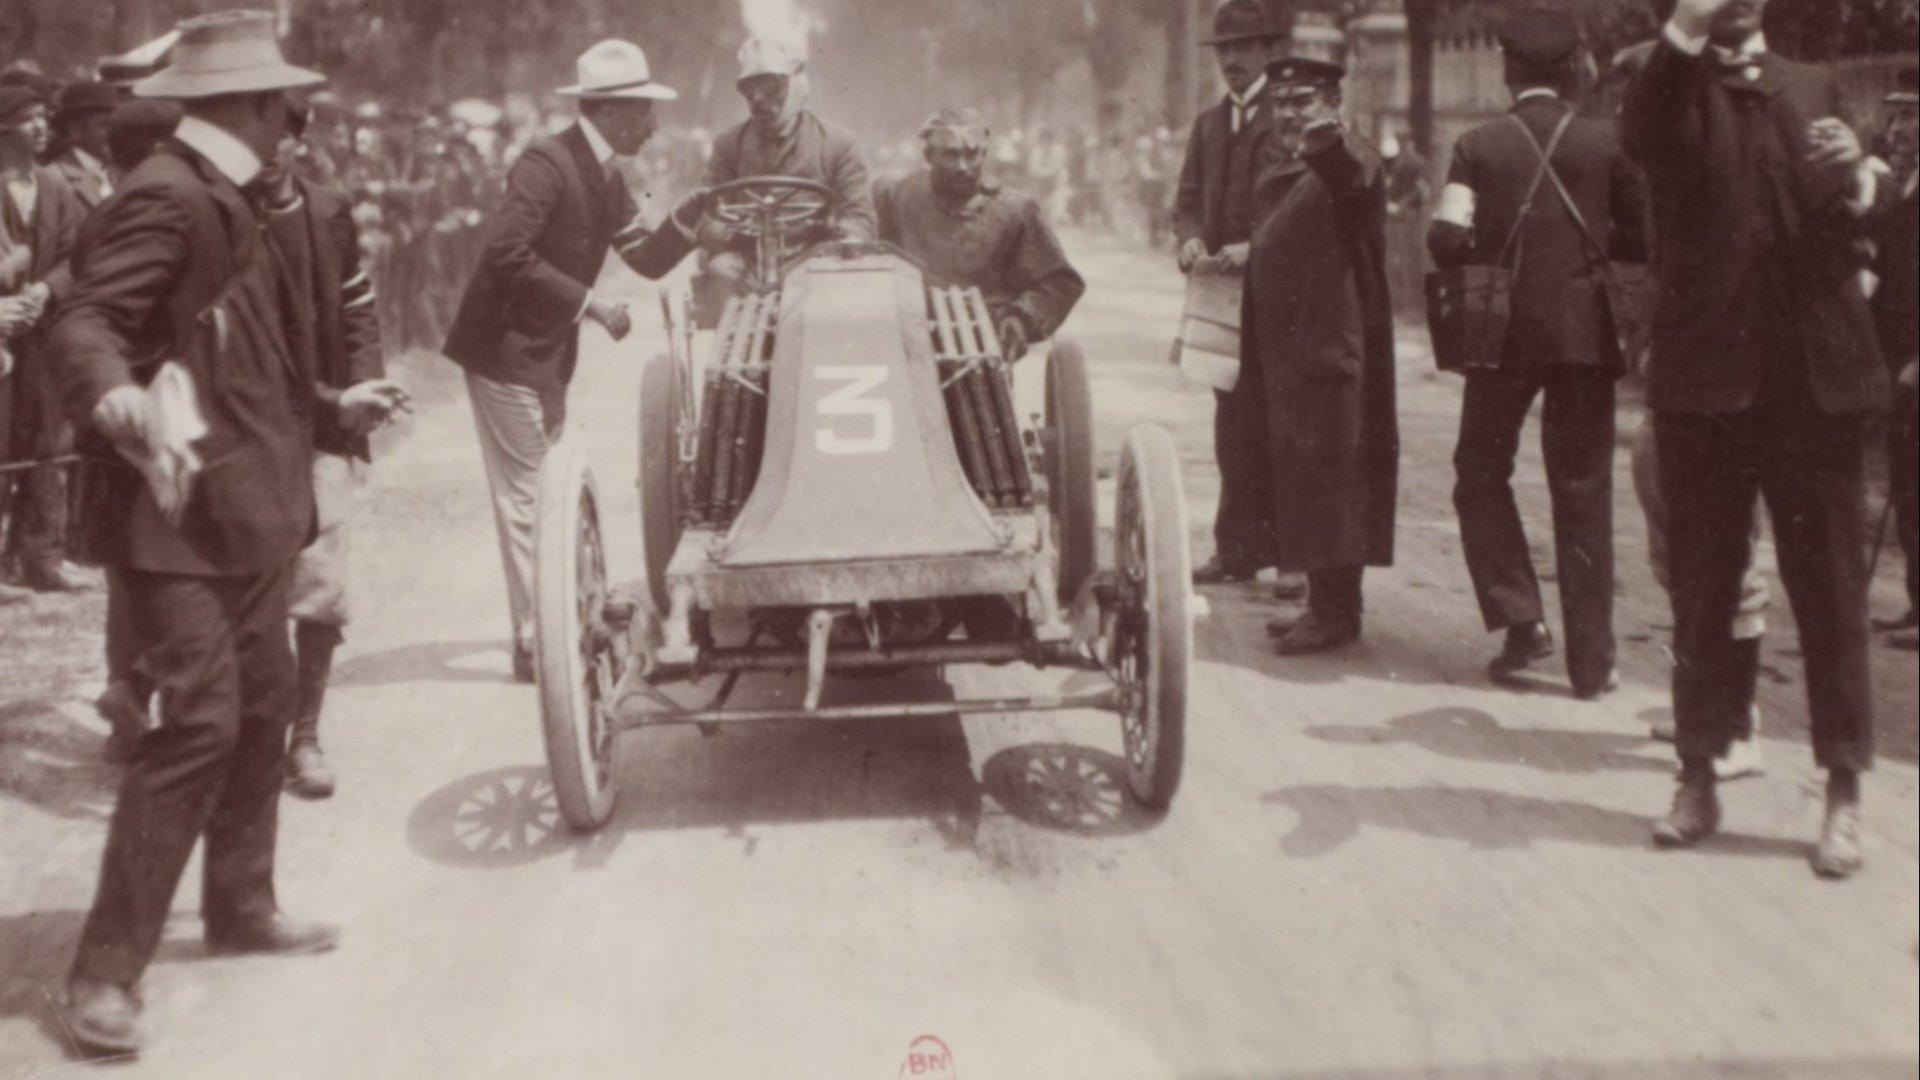 I 1903 stilte Renault opp med biler for både Louis og Marcel i Paris-Madrid løpet. Det fikk fatale konsekvenser for en av dem.